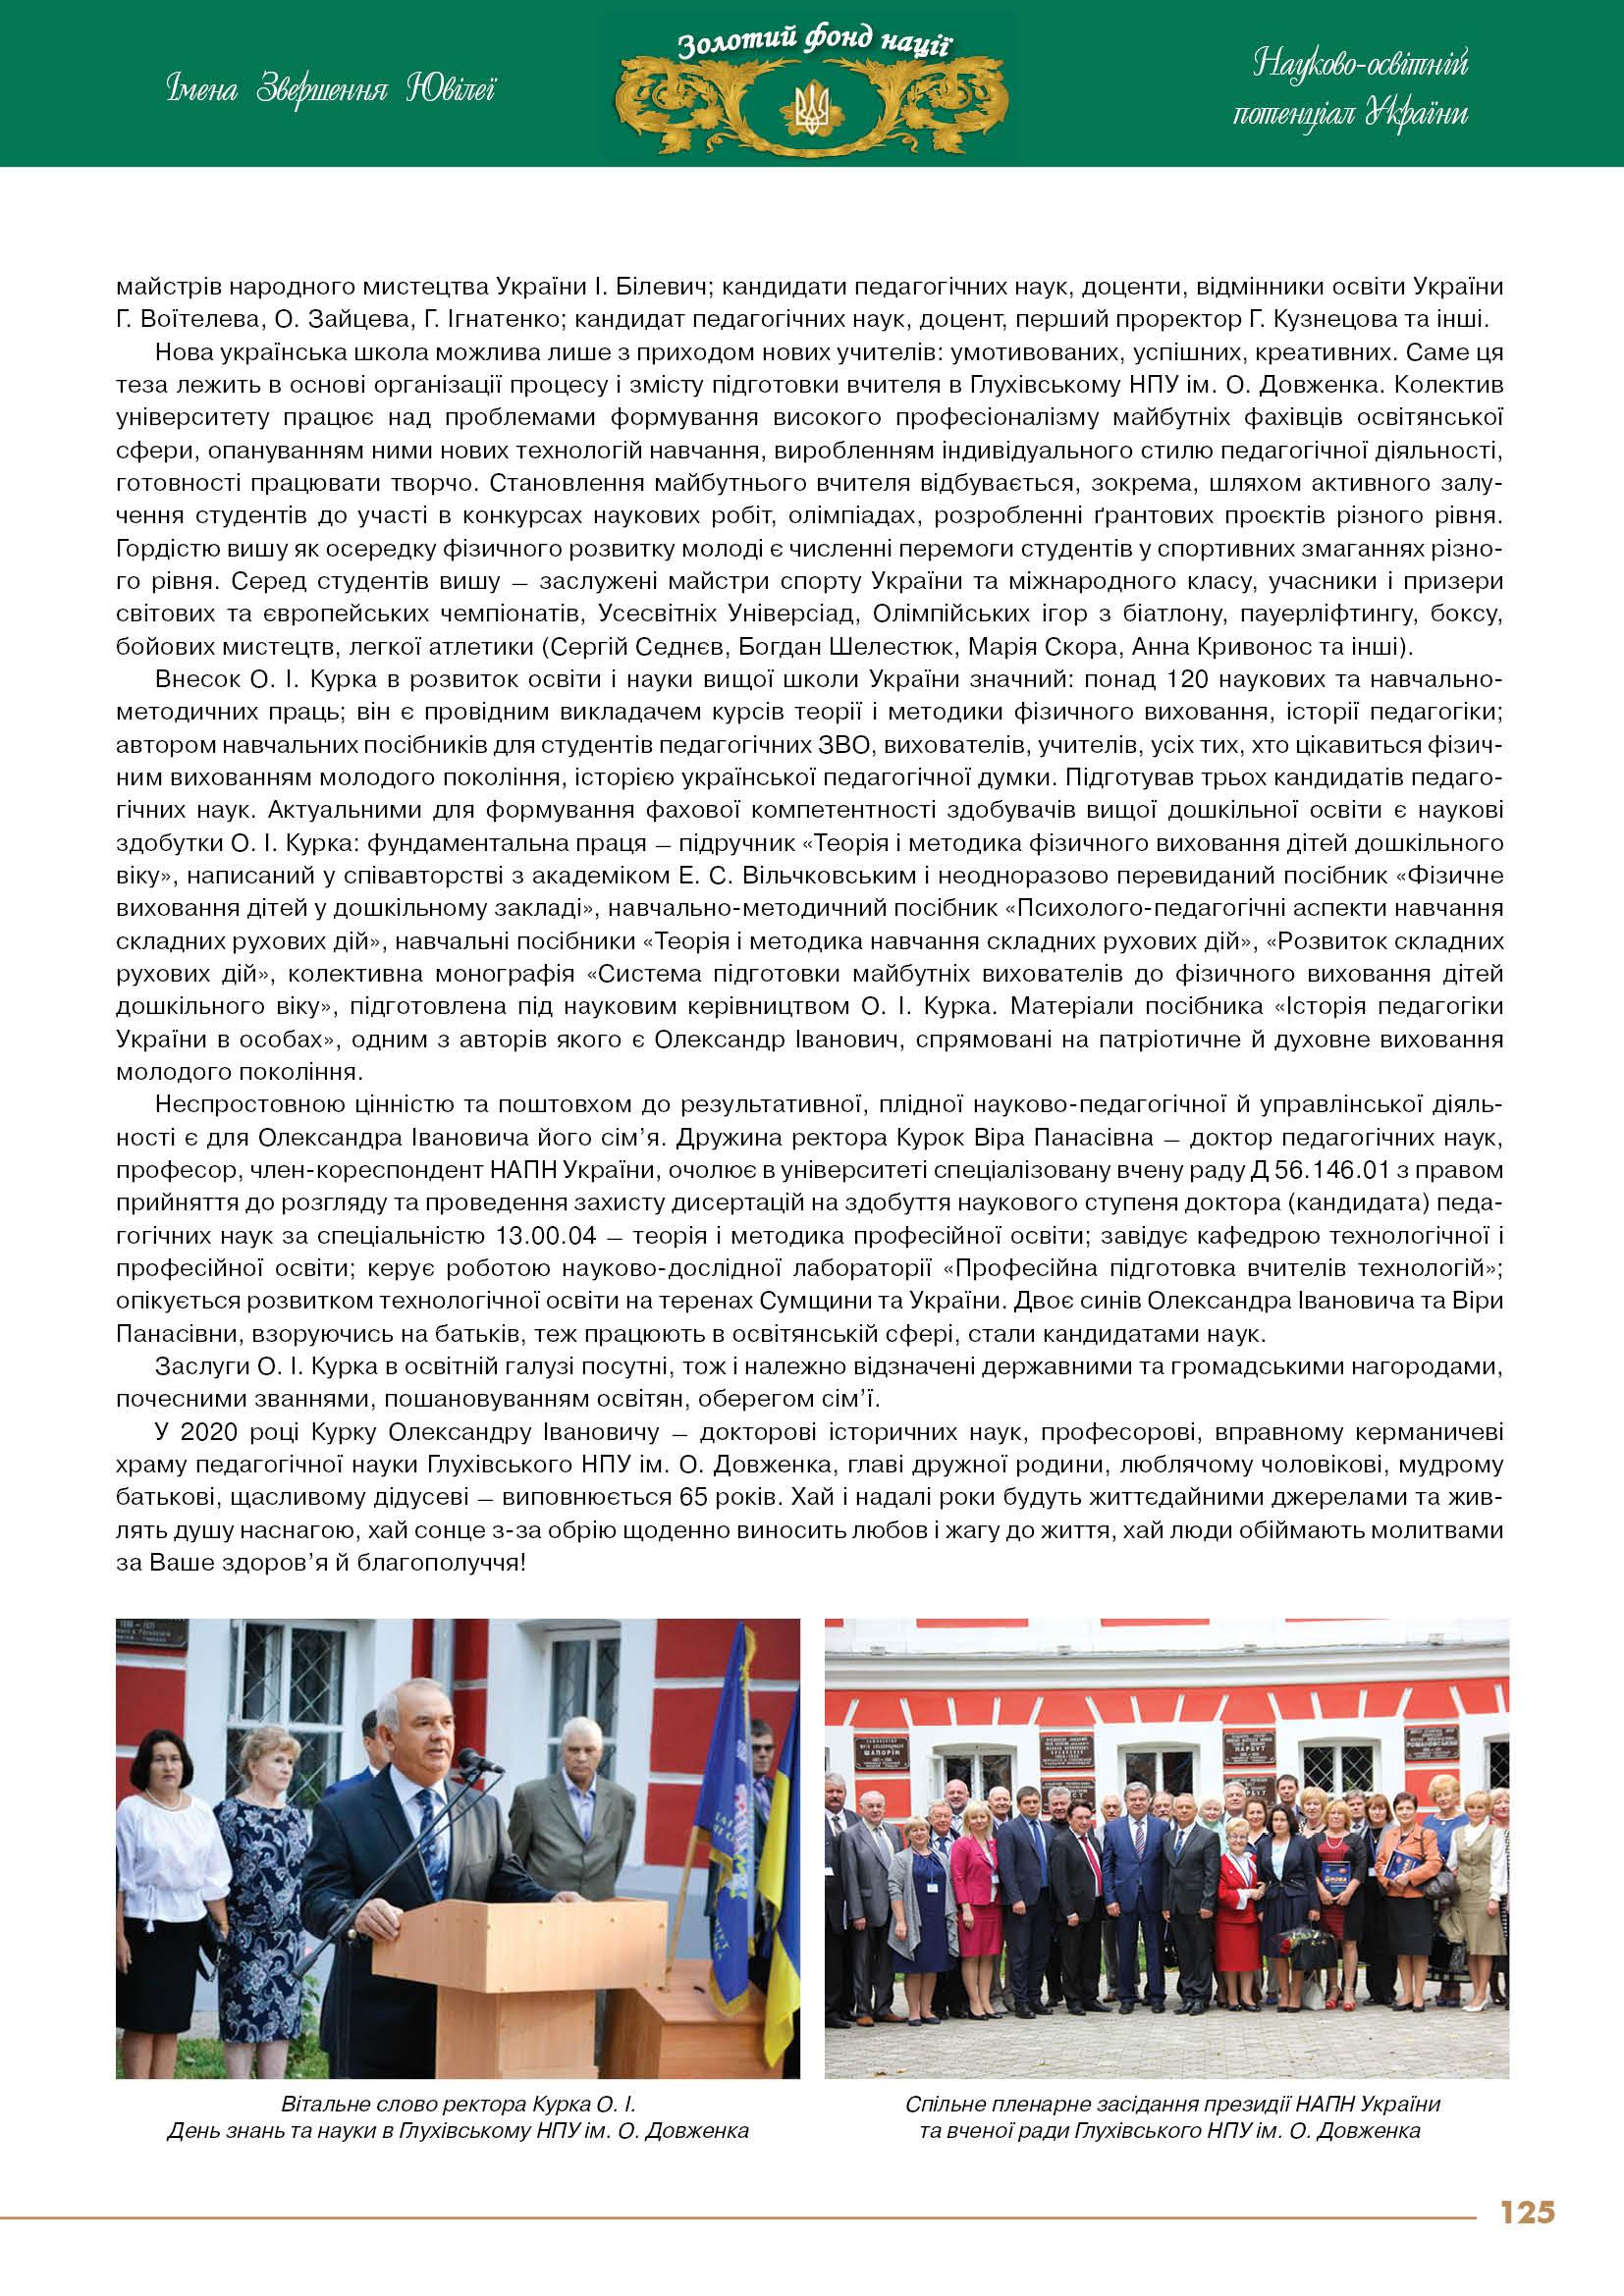 Курок Олександр Іванович